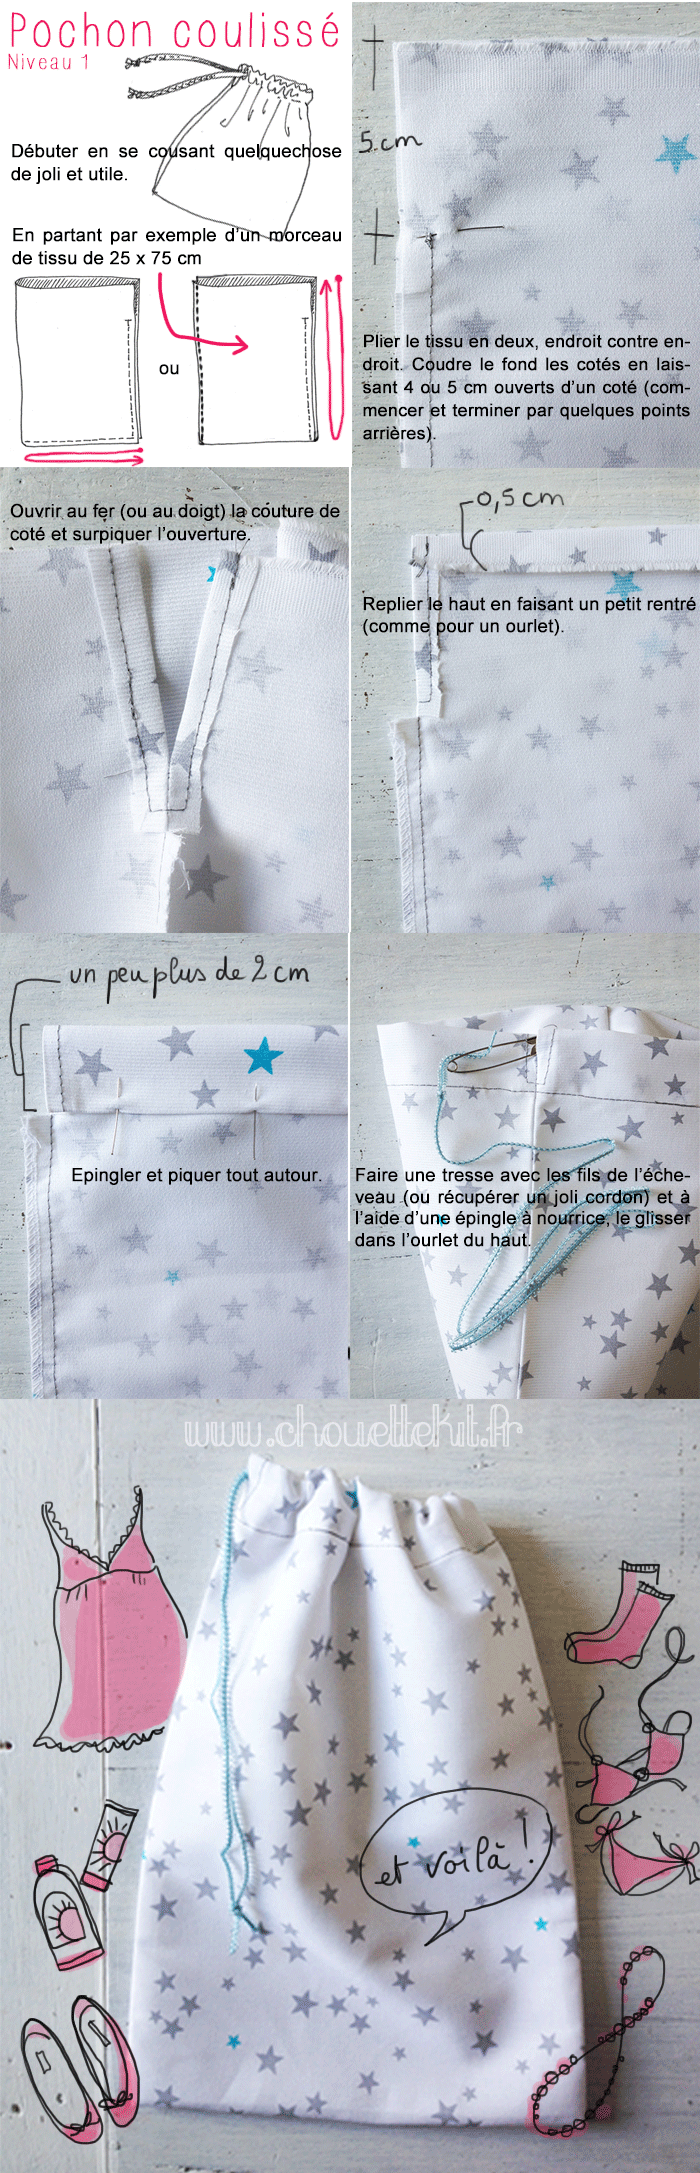 diy pochon couliss couture sacs pinterest sac cordon sacs main mk et sacs. Black Bedroom Furniture Sets. Home Design Ideas